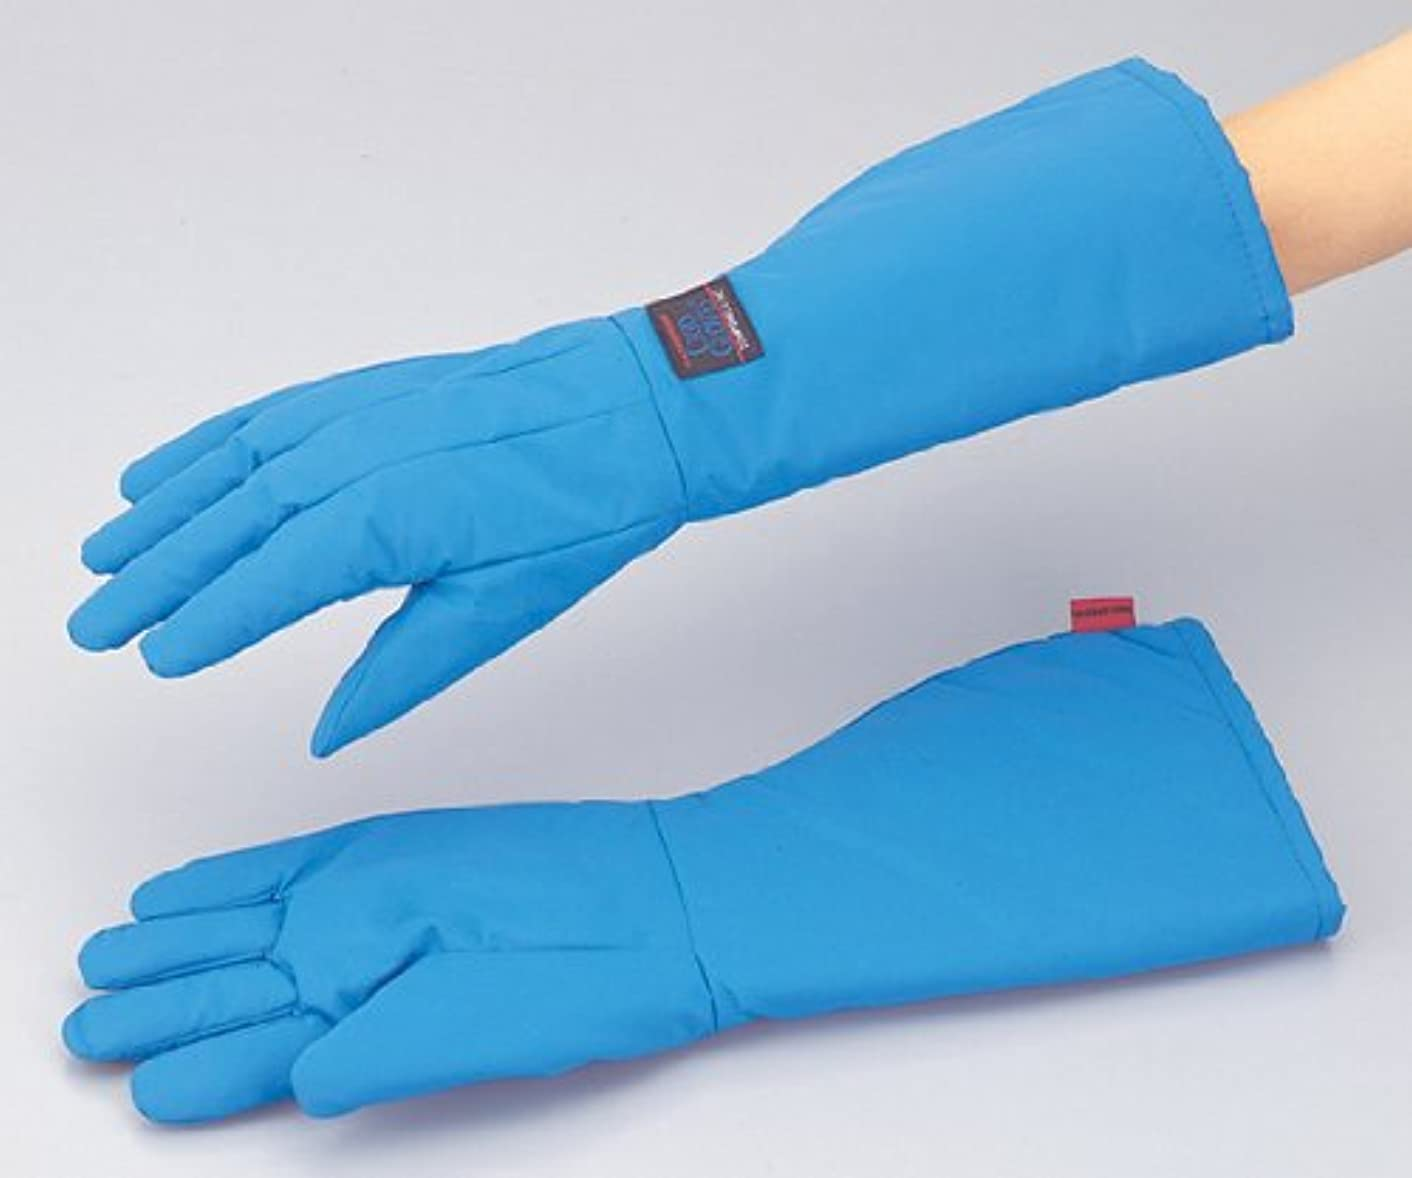 ブース彫刻幻滅アイシス1-7970-01耐寒用手袋TS-EBSWPS